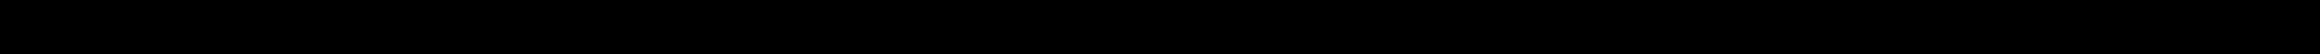 NGK 7567.56, 98069-57916, 98069-57916-00, 98069-58926, 98069-59926 Uždegimo žvakė